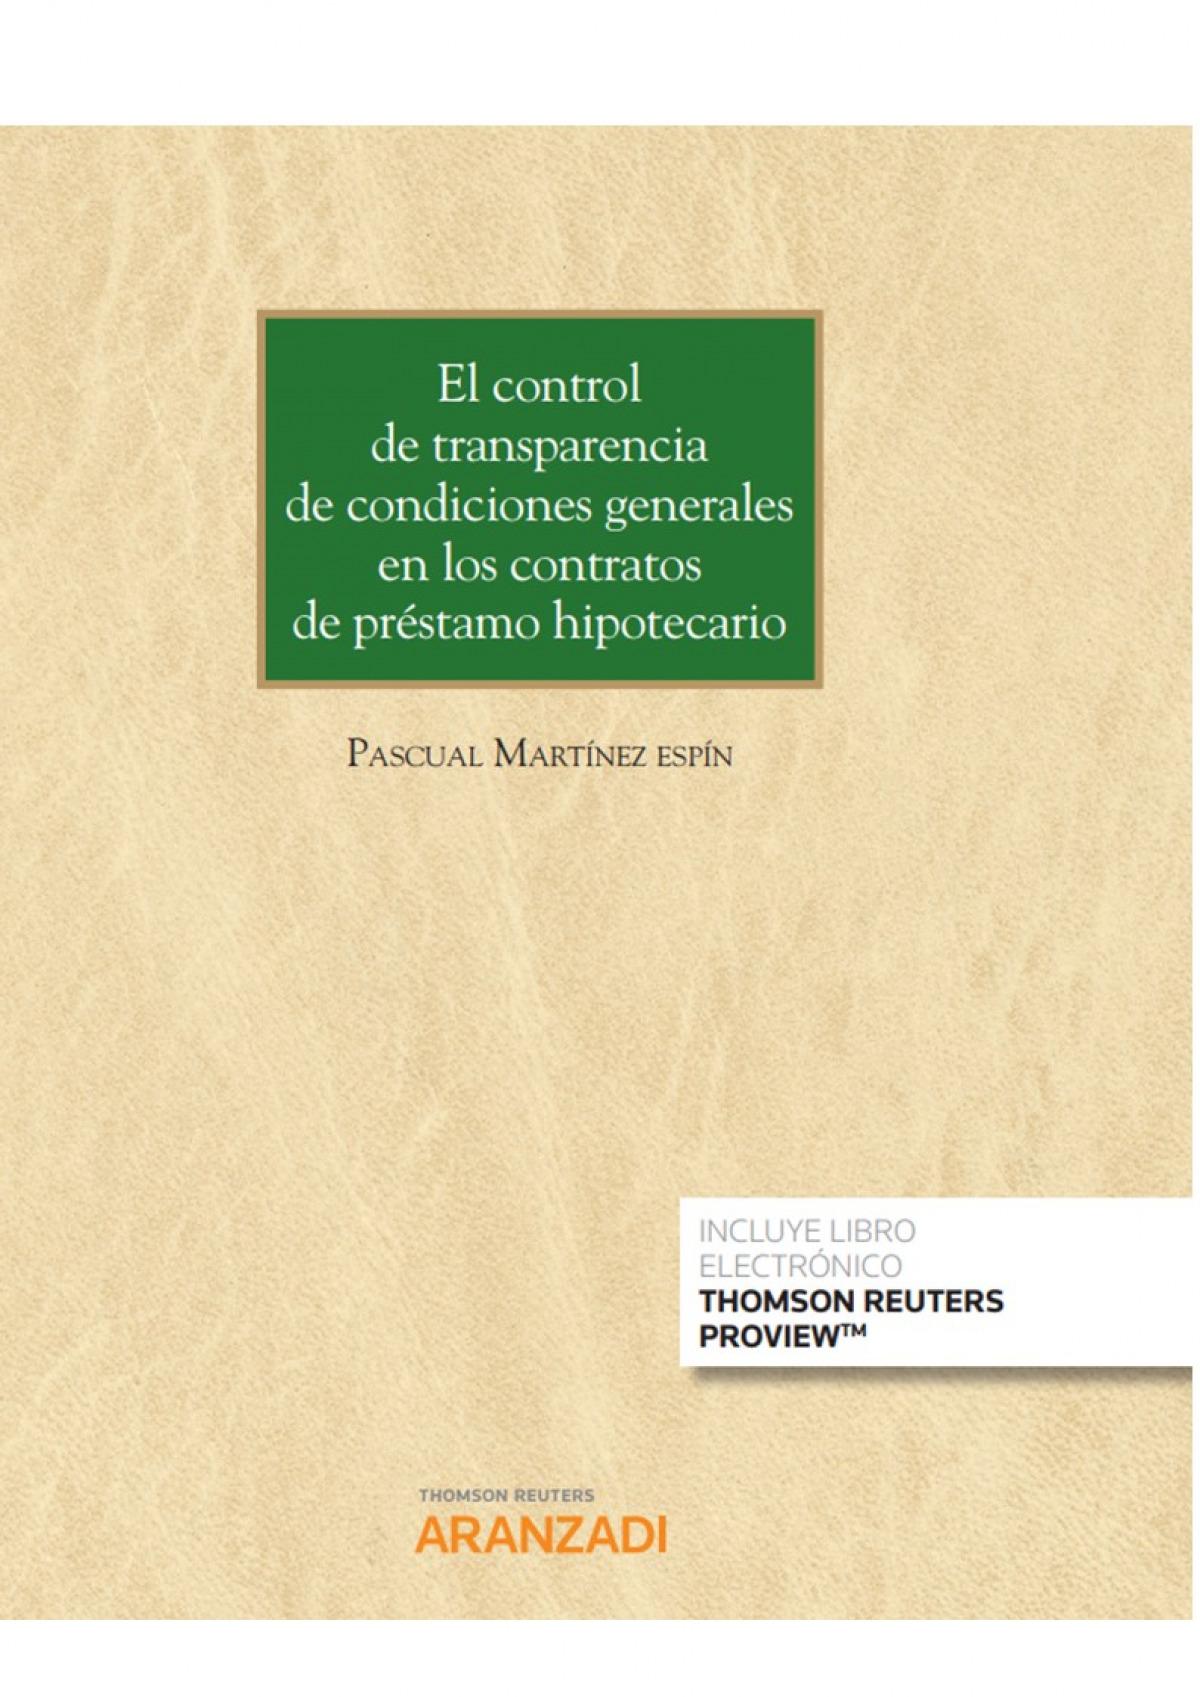 Control de transparencia de condiciones generales en los contrato